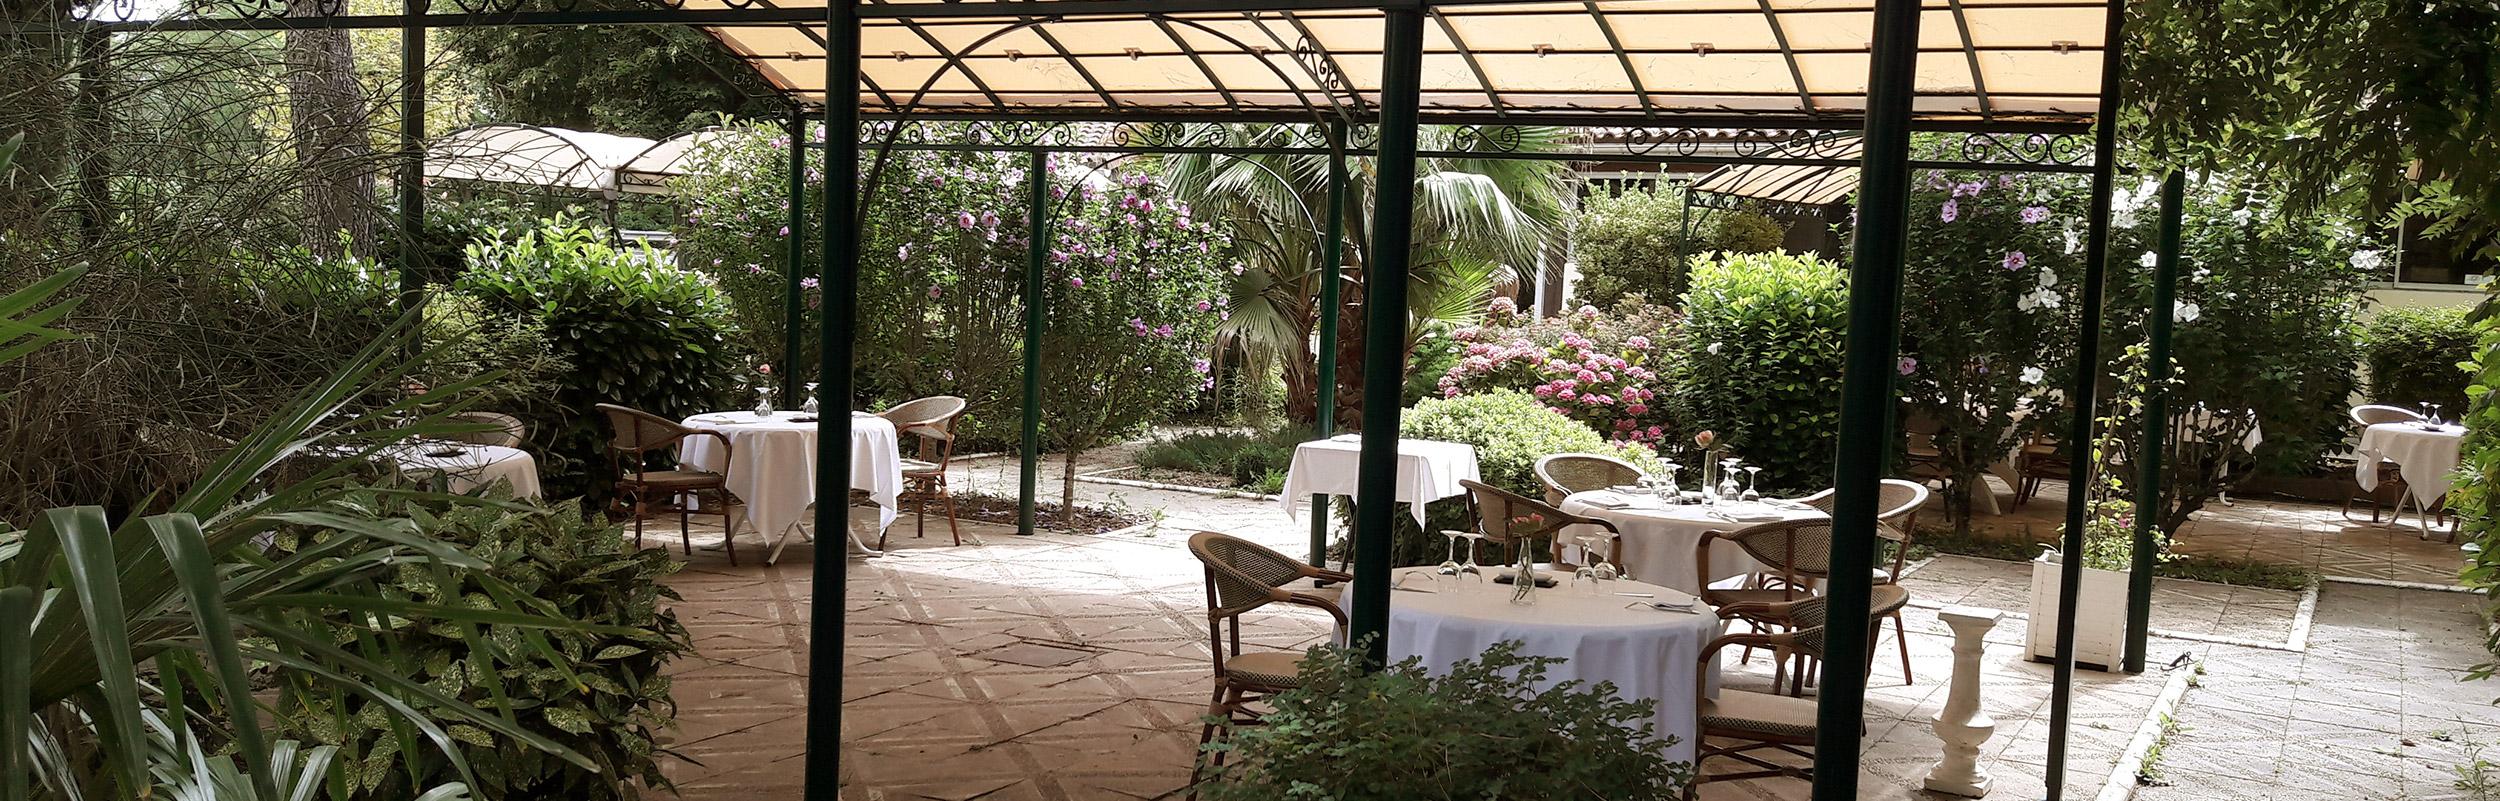 La terrasse - L'Auberge de la Pointe, restaurant à Saint-Sulpice dans le Tarn / © DR